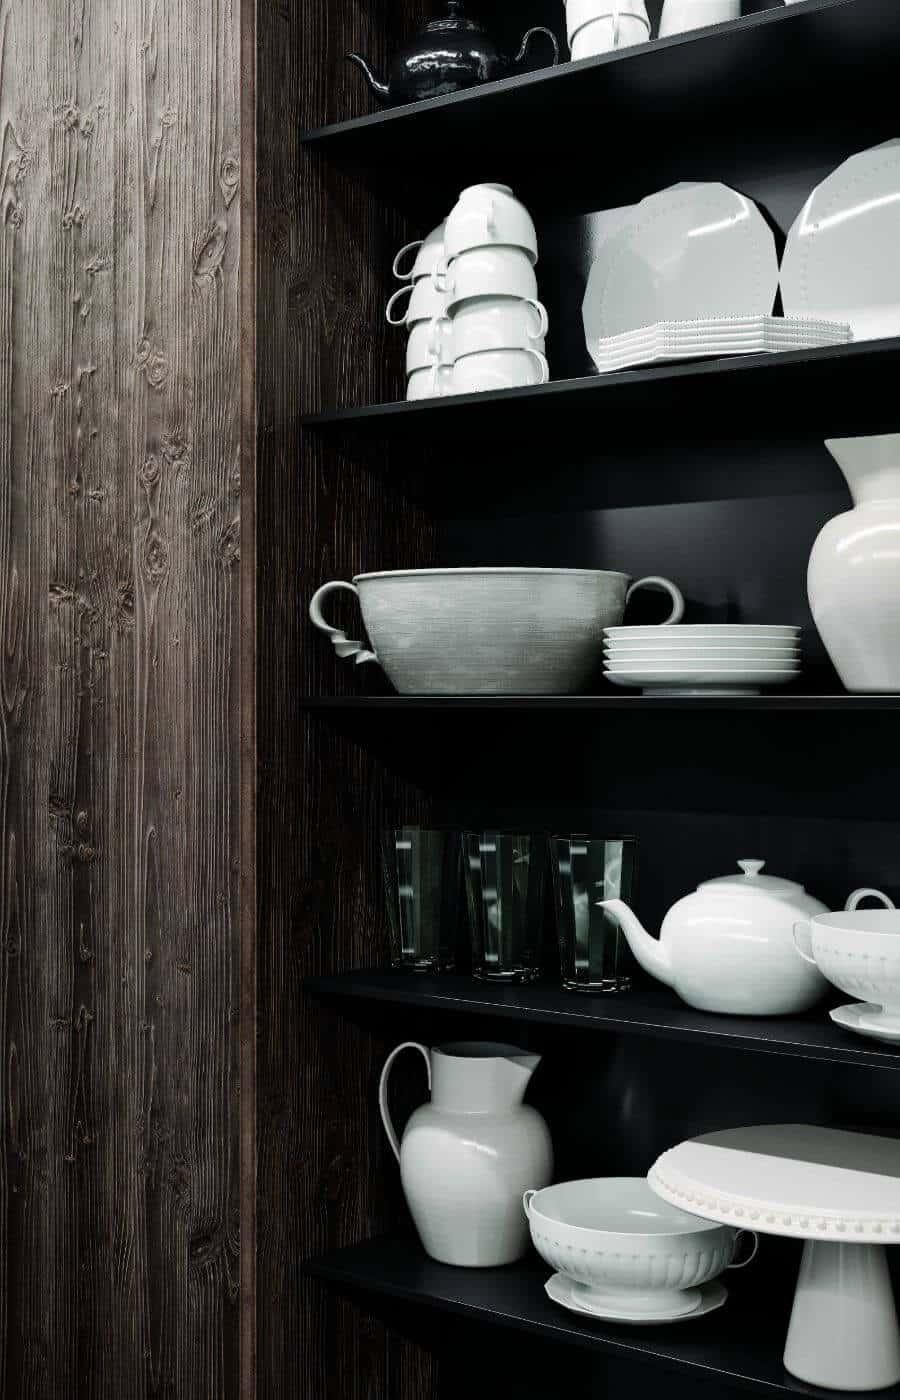 cucina-ripiani-giorno-collezione-stoccolma-il-mobile (4)